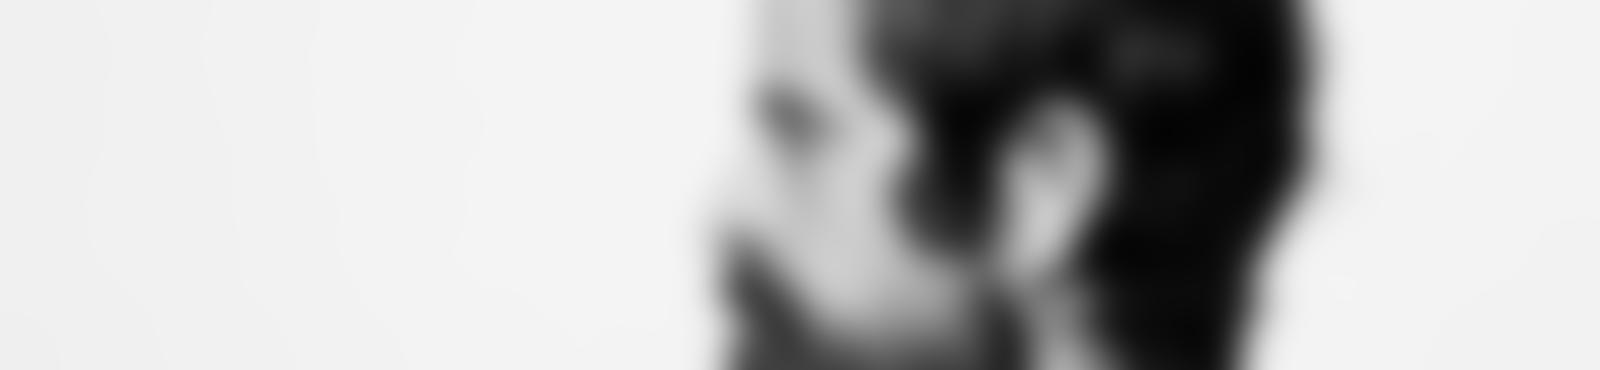 Blurred 1db88fc0 48f1 4eda bce7 683a32fa5f12